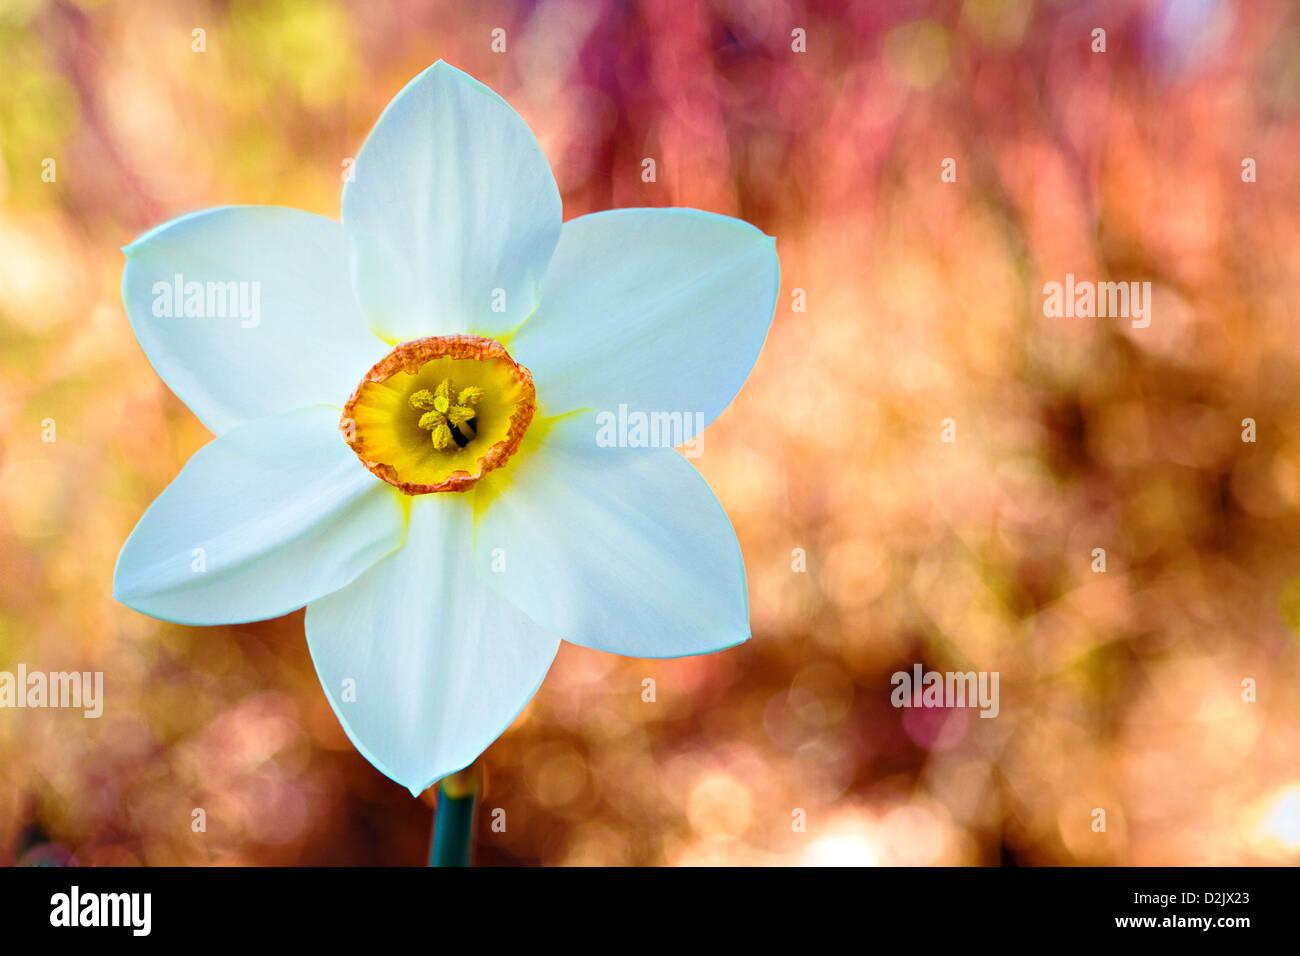 Weiße Narzisse mit gelben Zentrum frühlingshaften Pastell Bokeh Hintergrund Stockbild